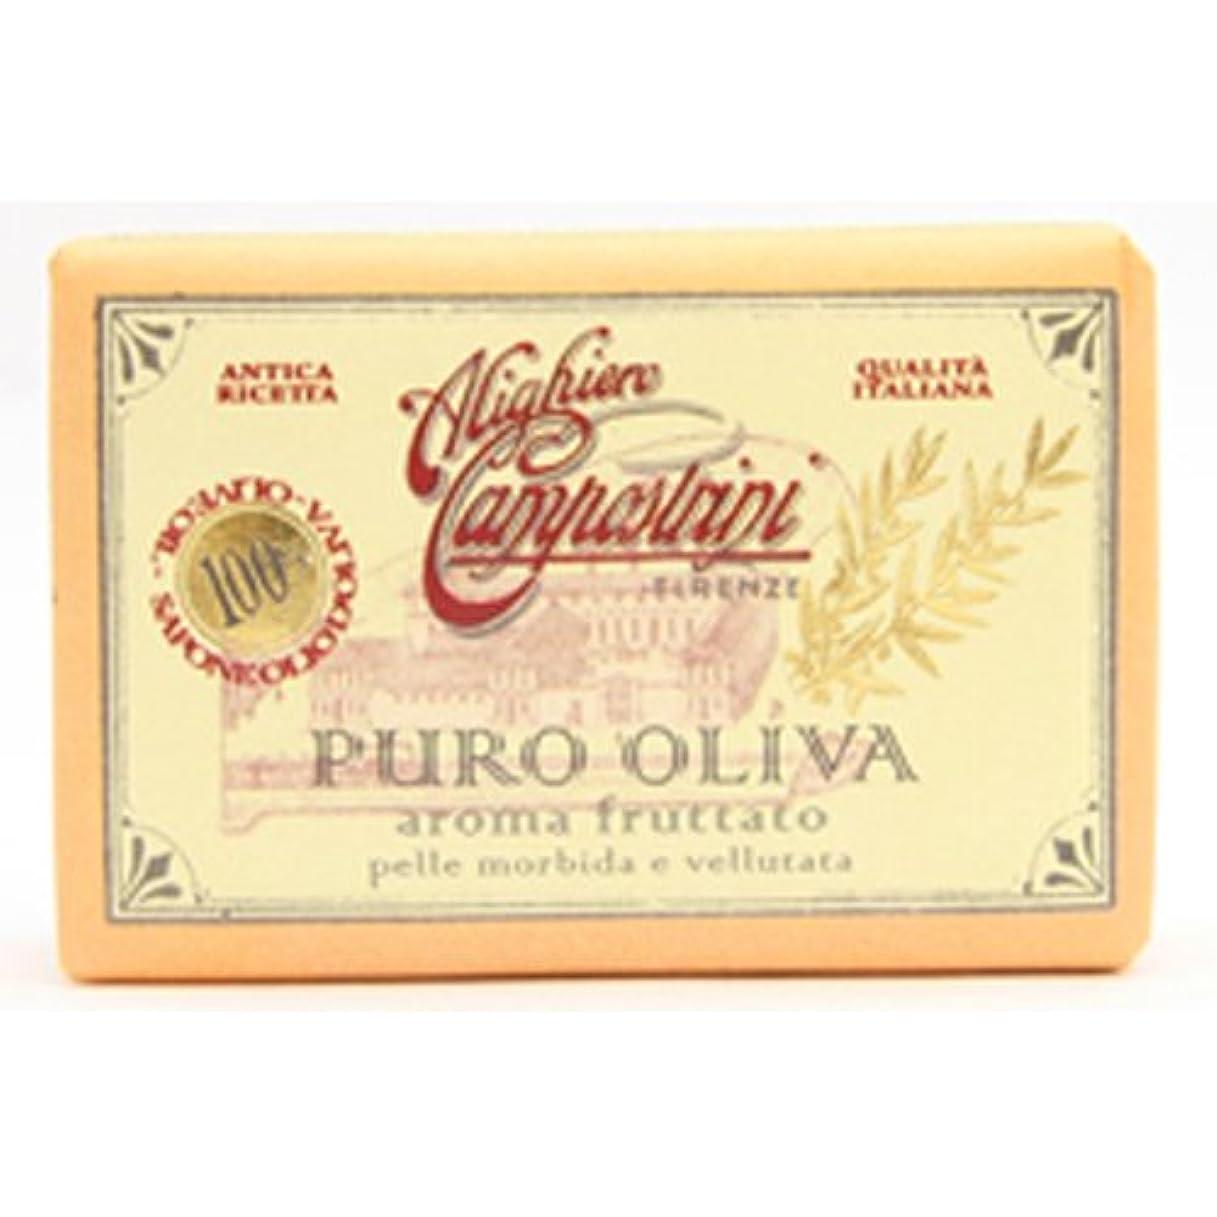 解任節約投資Saponerire Fissi サポネリーフィッシー PURO OLIVA Soap オリーブオイル ピュロ ソープ Aroma fruttato フルーツ(オレンジ)